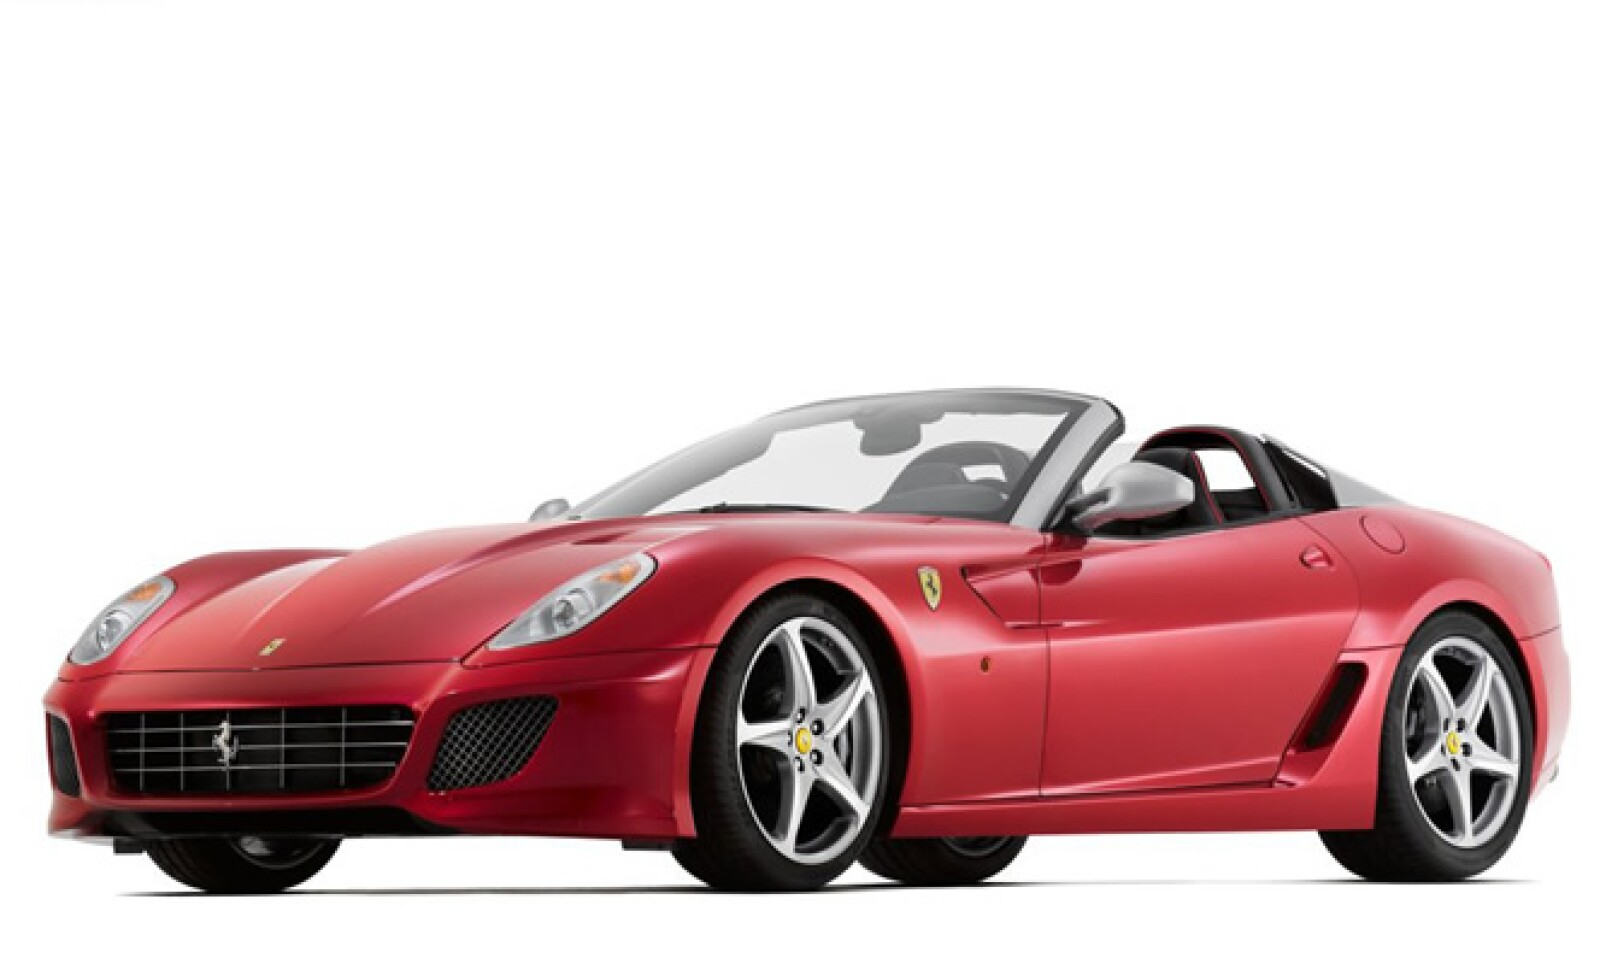 Este vehículo esta diseñado para celebrar el 80 aniversario de la relación entre la firma y el diseñador italiano Sergio Andrea Pininfarina. Solamente fueron creados 100 y 80 ya han sido vendidos, a un precio aproximado de 6.5 millones de pesos.